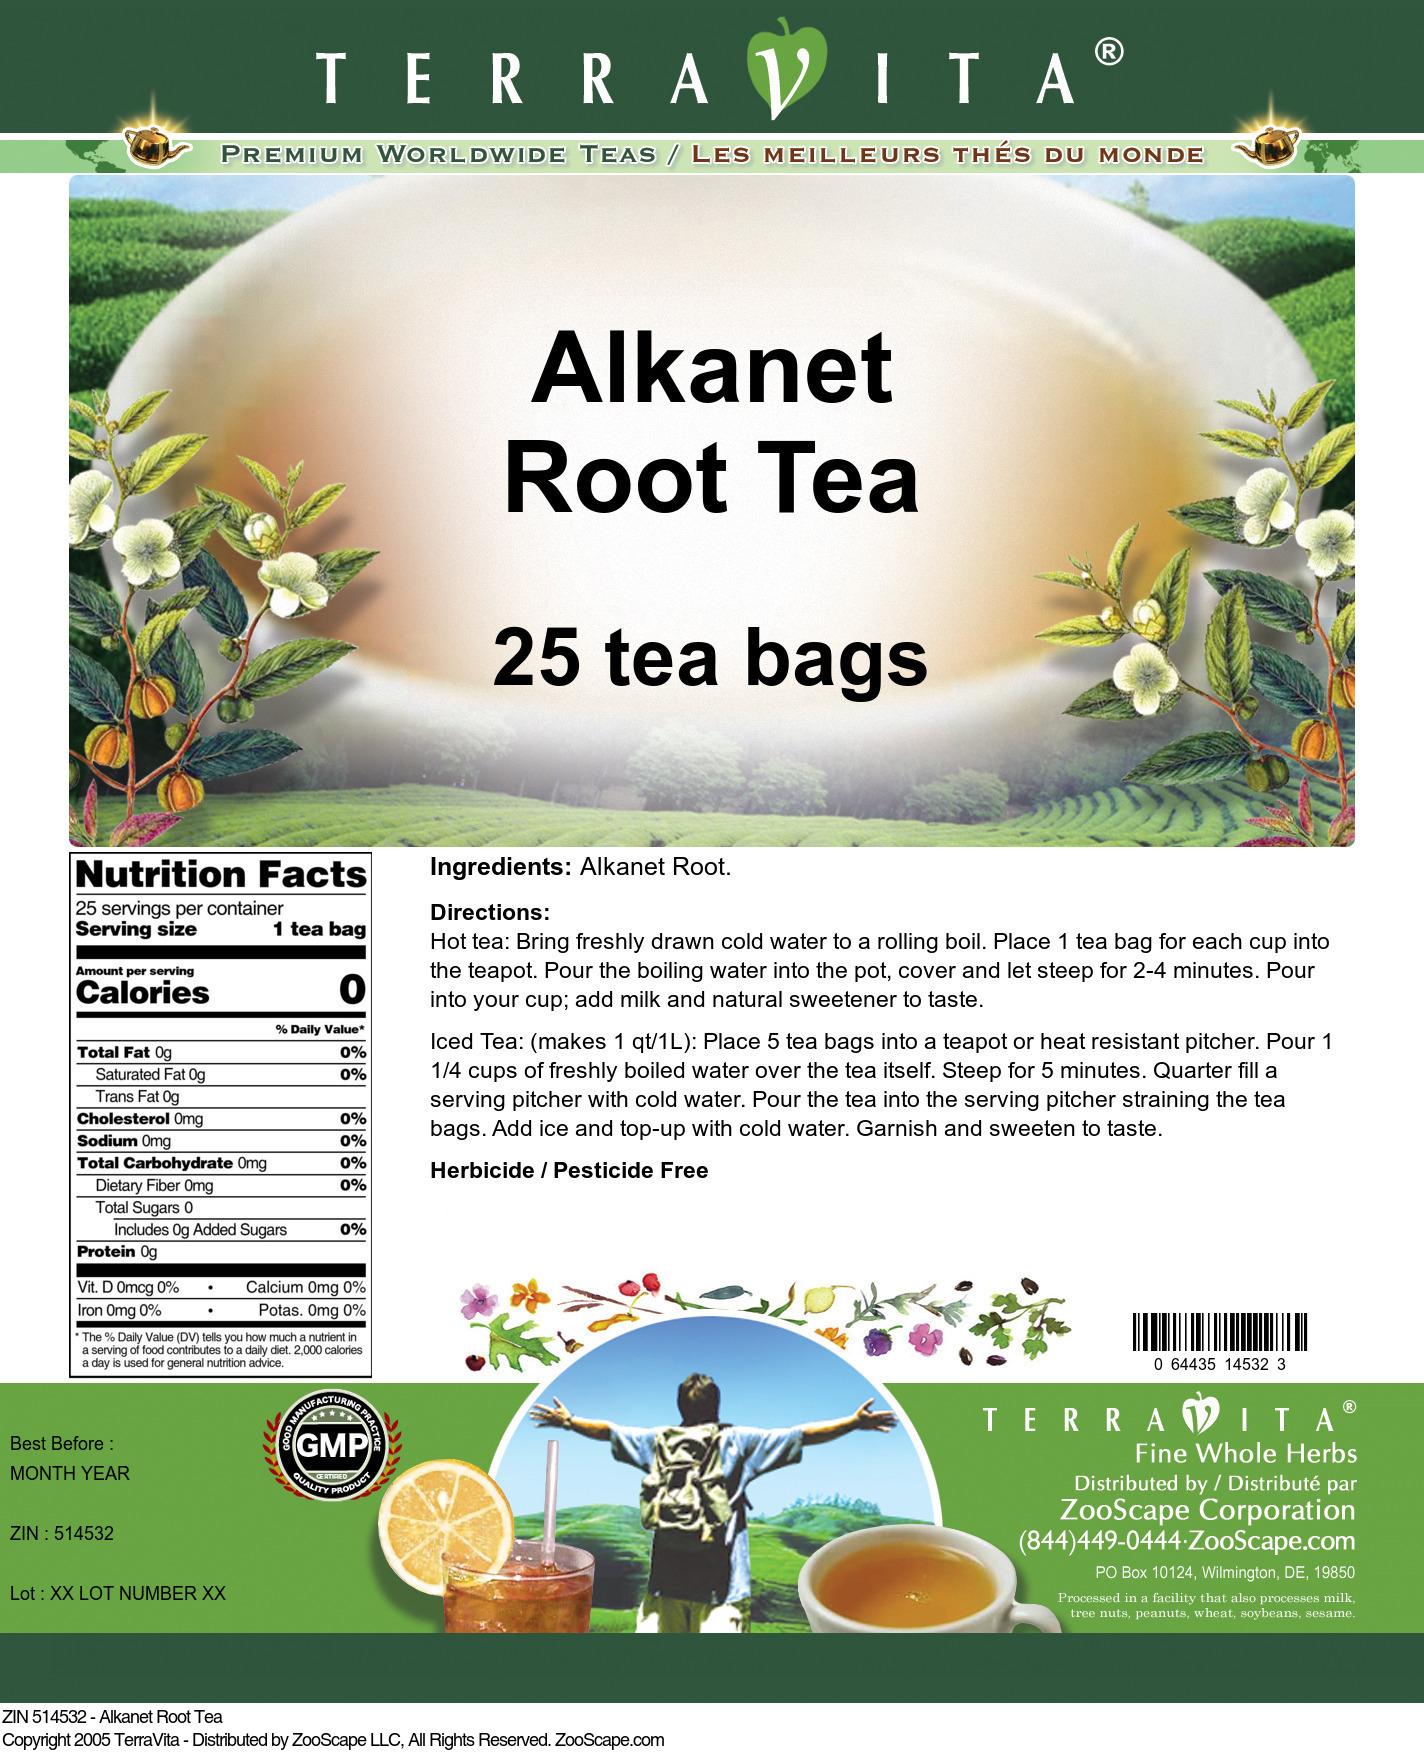 Alkanet Root Tea